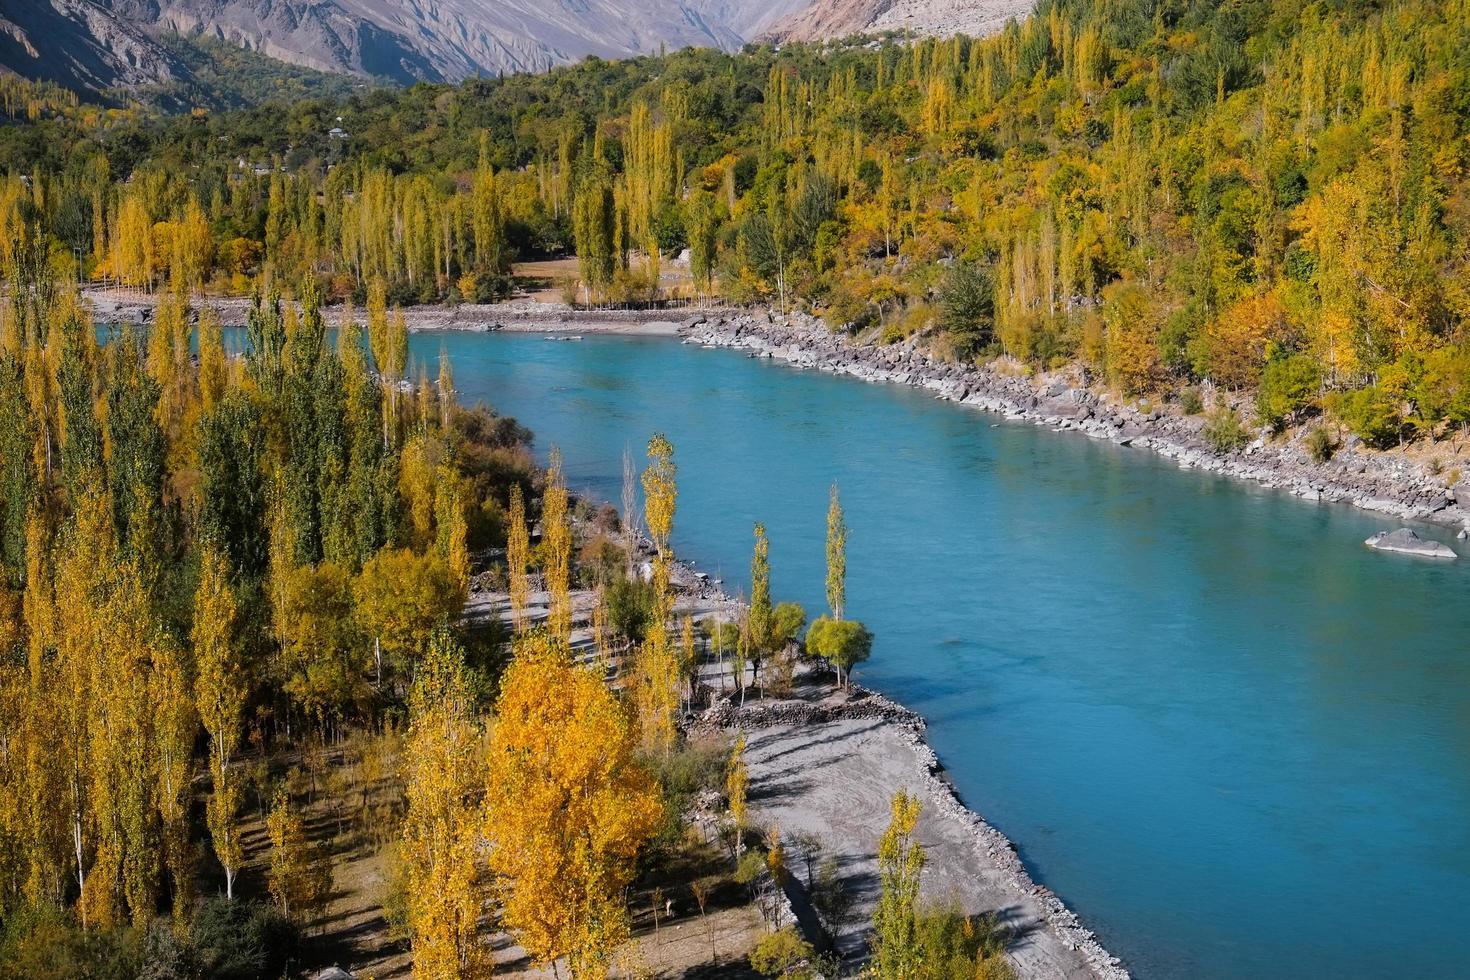 río ghizer que fluye a través del bosque en otoño foto